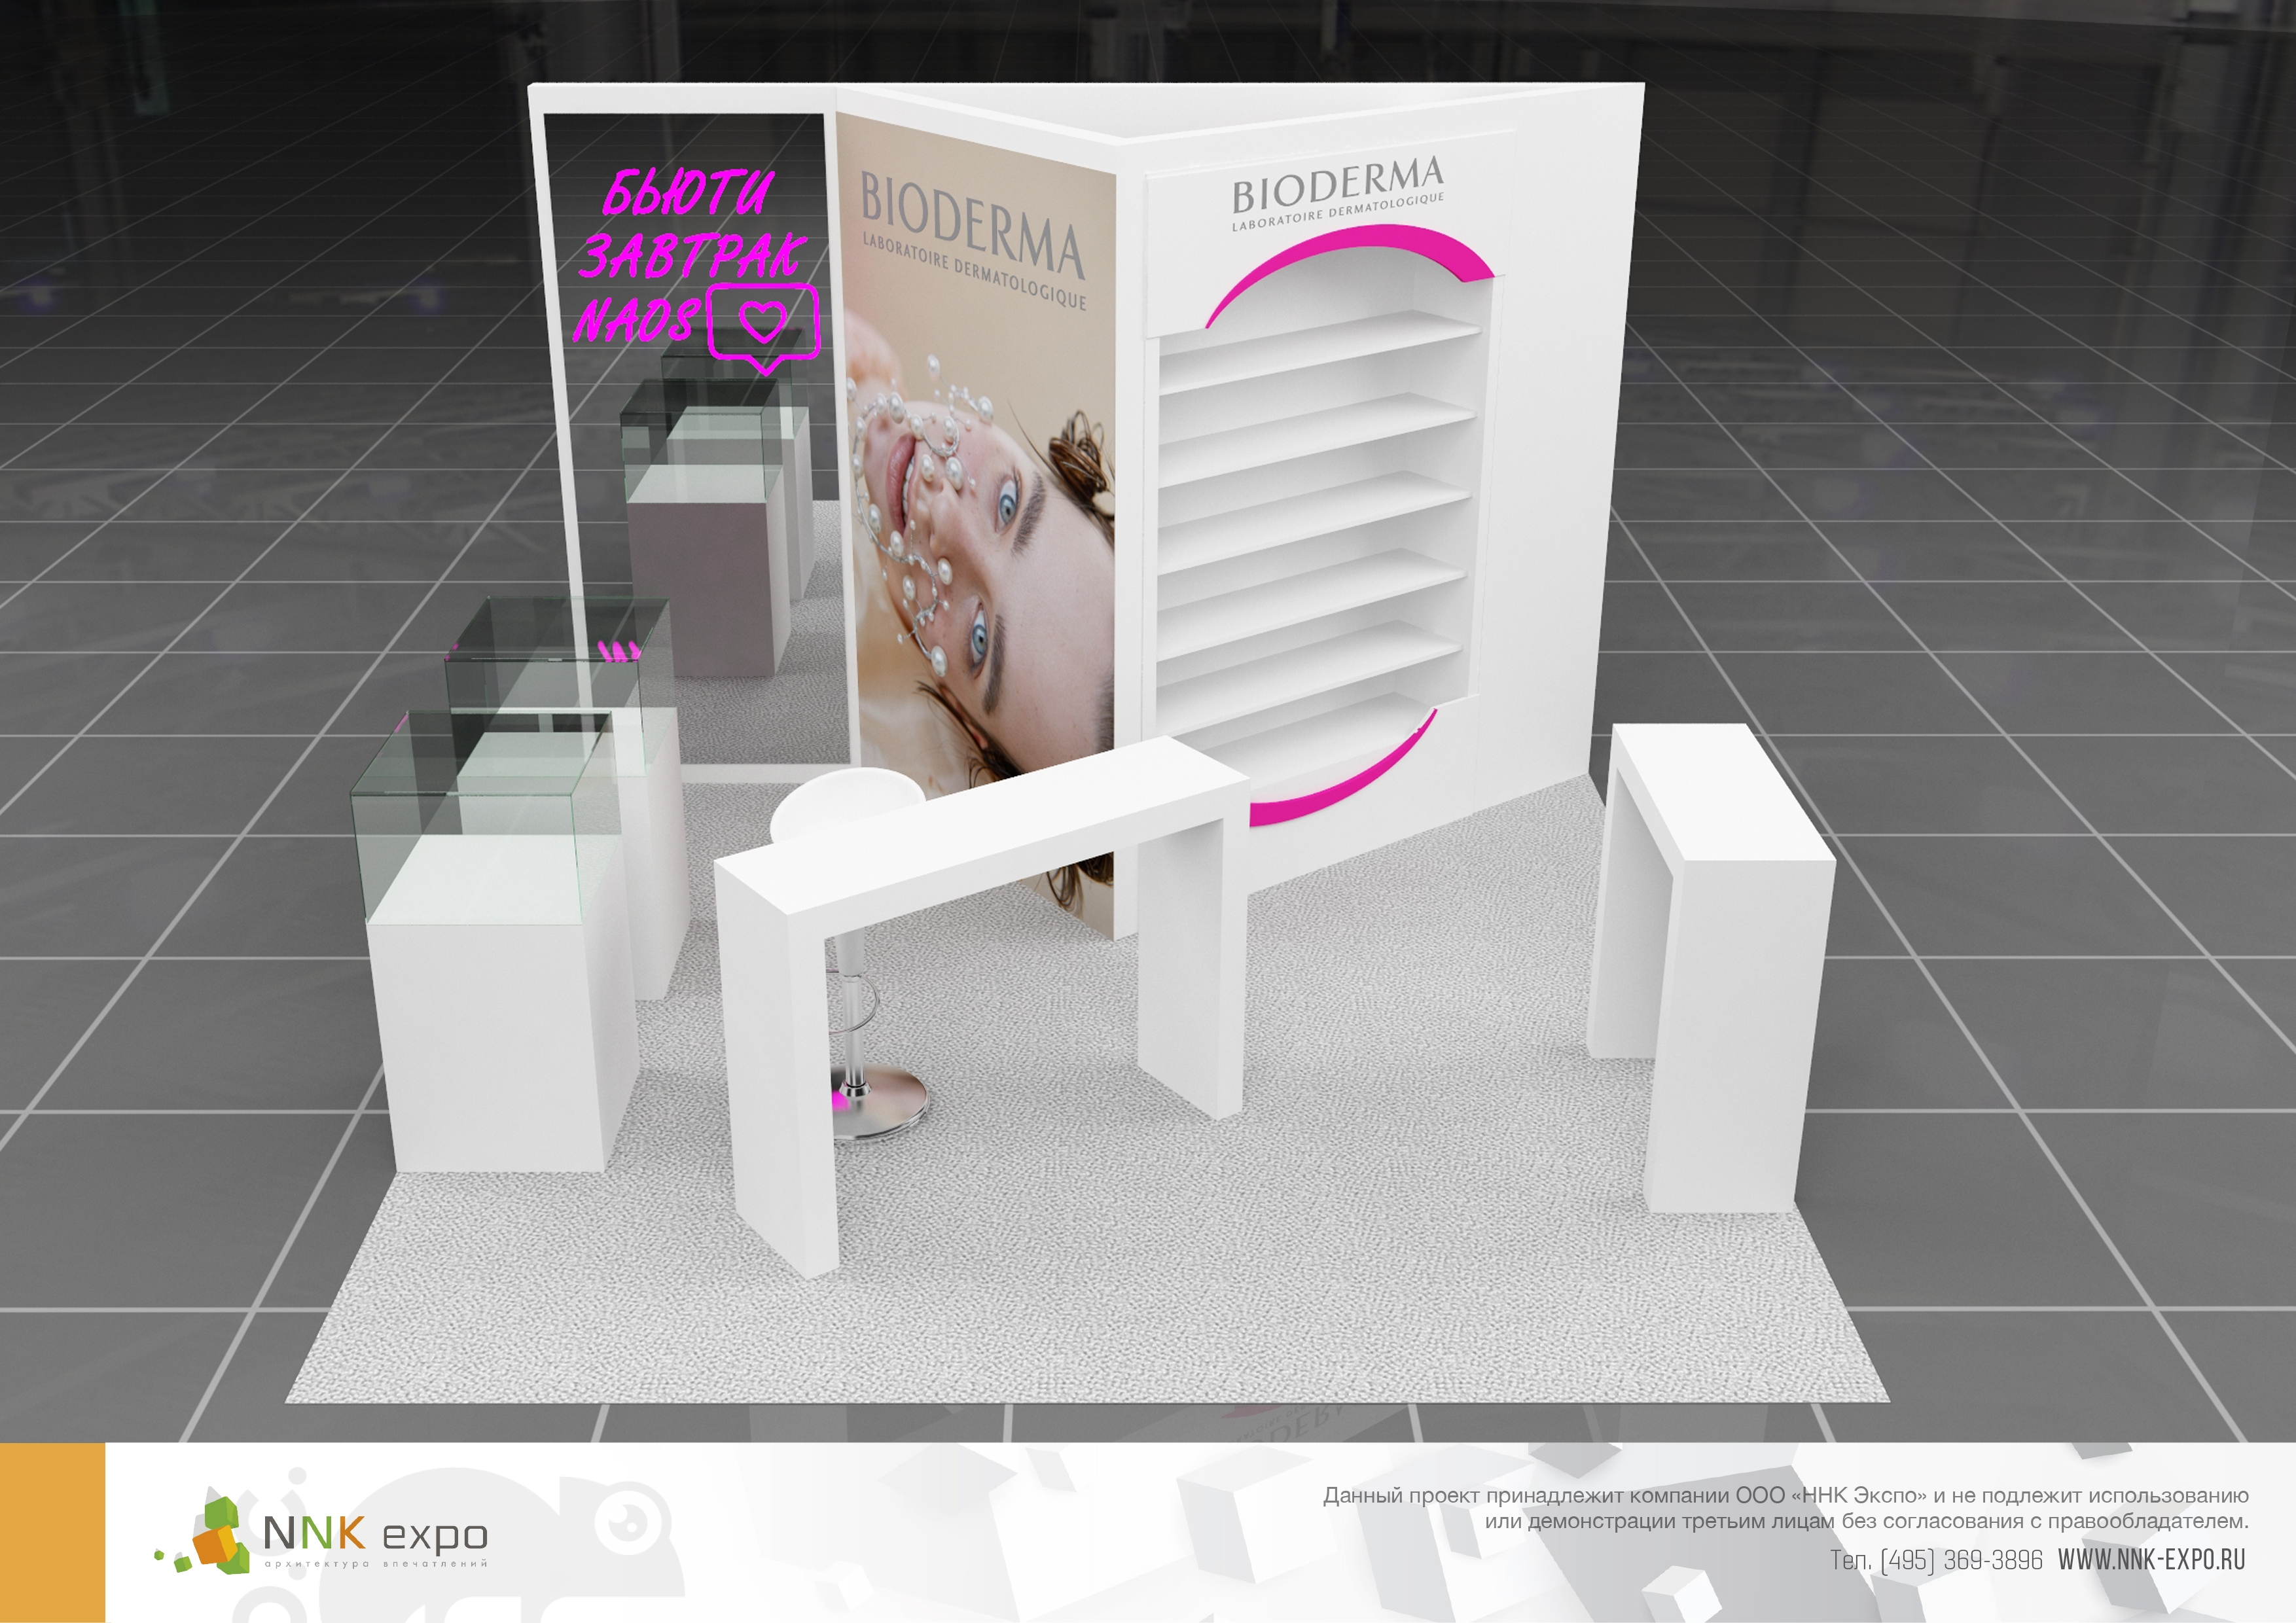 Дизайн проект выставочного стенда Биодерма (Bioderma Laboboratoire Dermatologique)